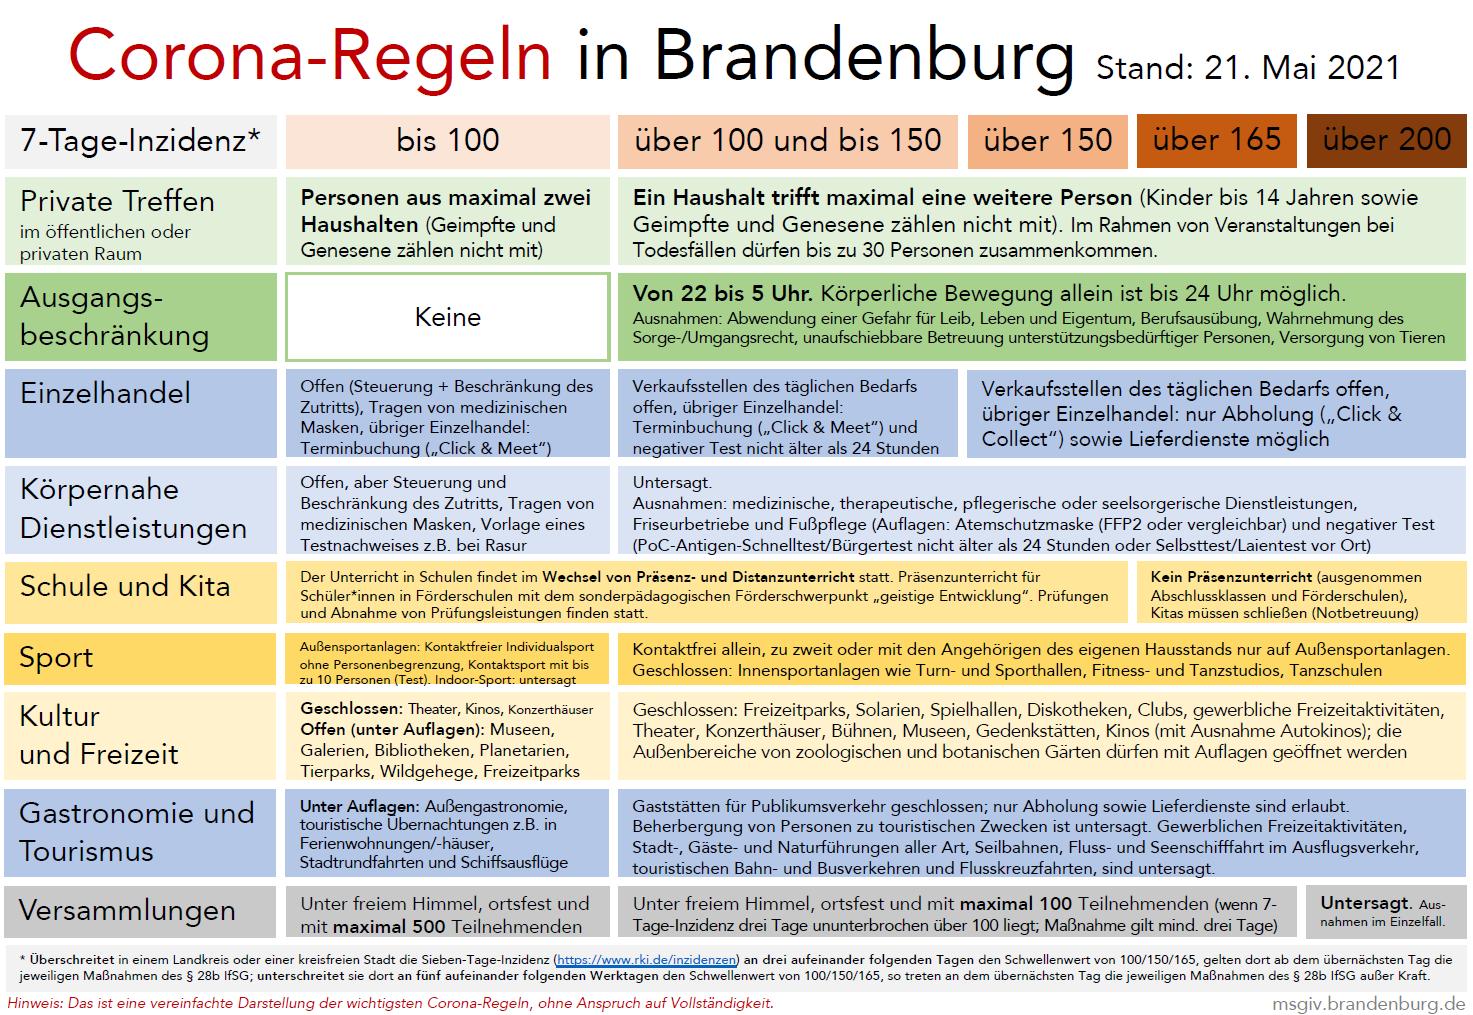 Grafik: Corona-Regeln in Brandenburg ab 21. Mai 2021